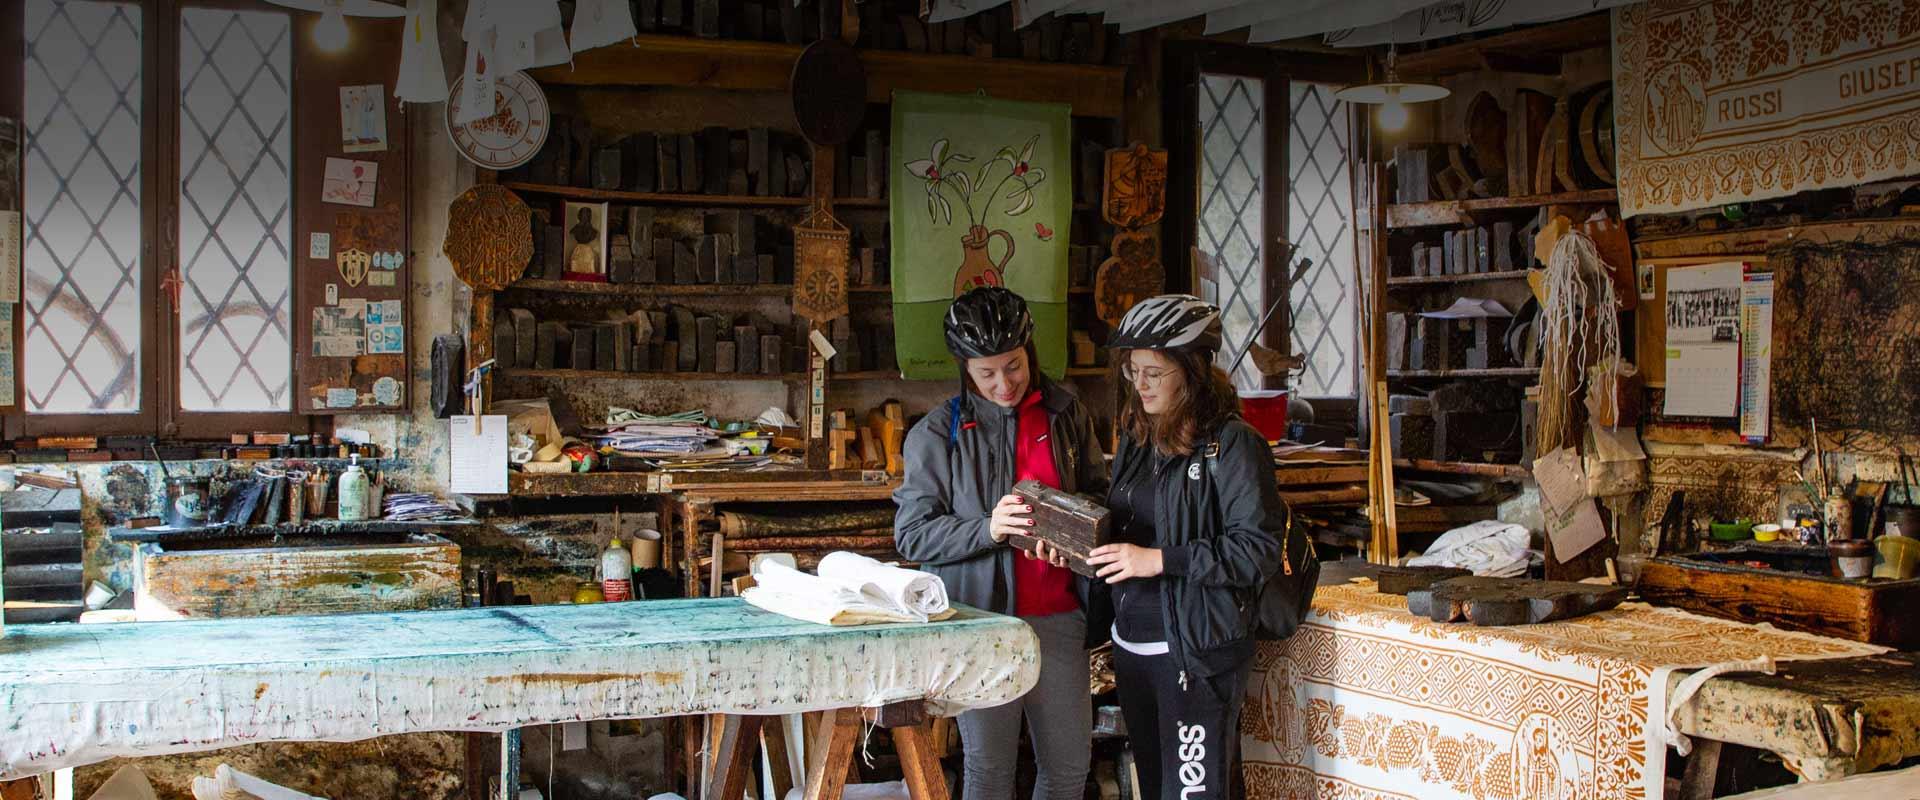 e-Bike Tour a Longiano e Gambettola: antichi mestieri tra le colline romagnole